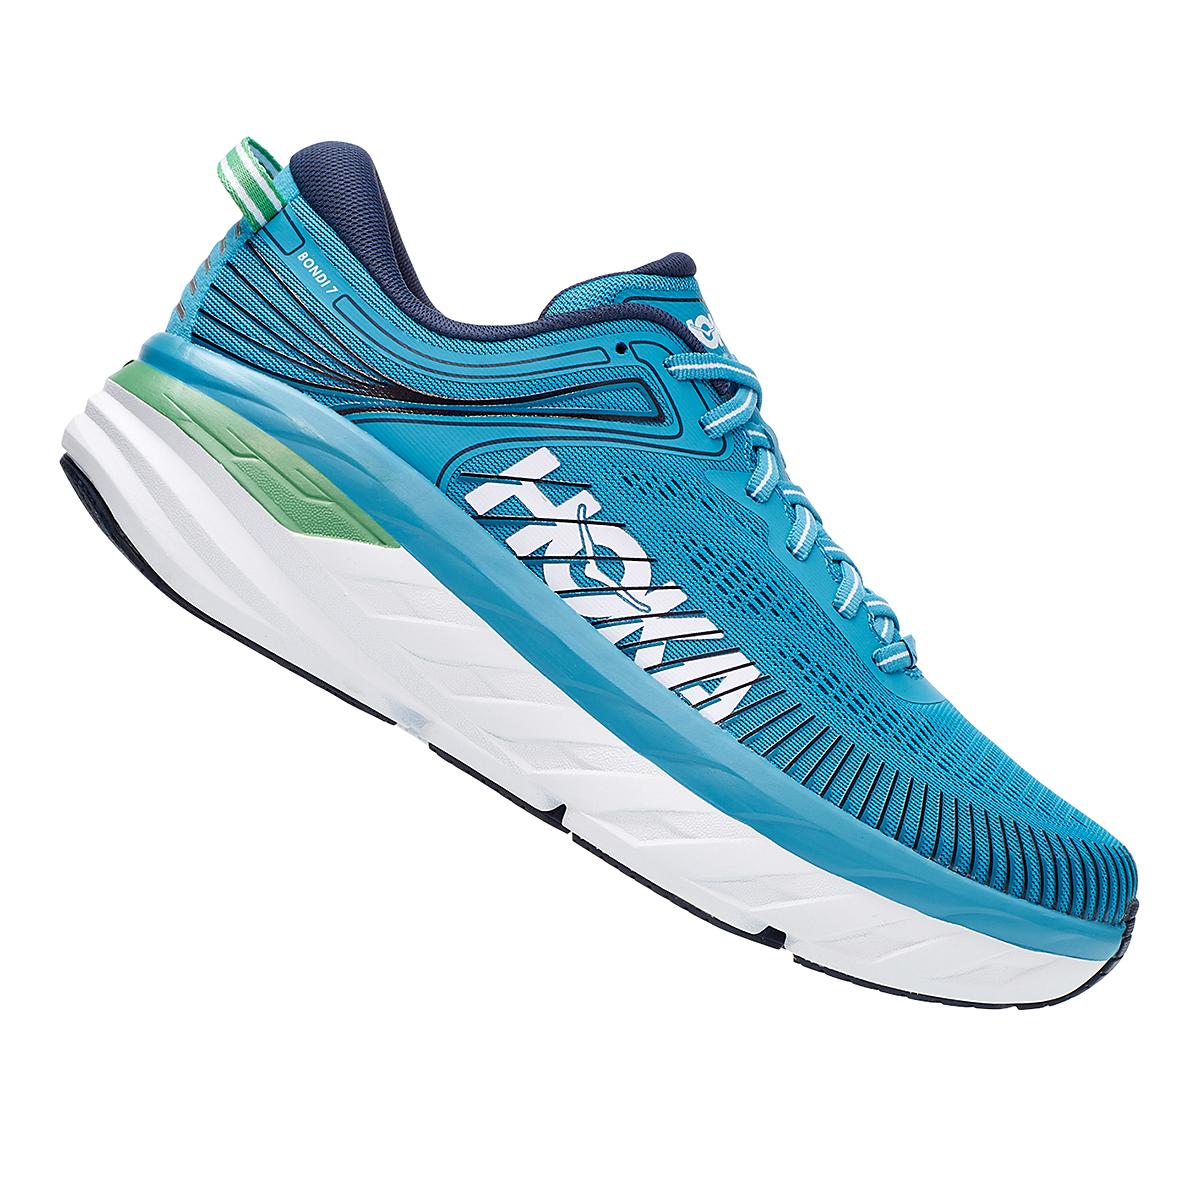 Men's Hoka One One Bondi 7 Running Shoe, , large, image 4